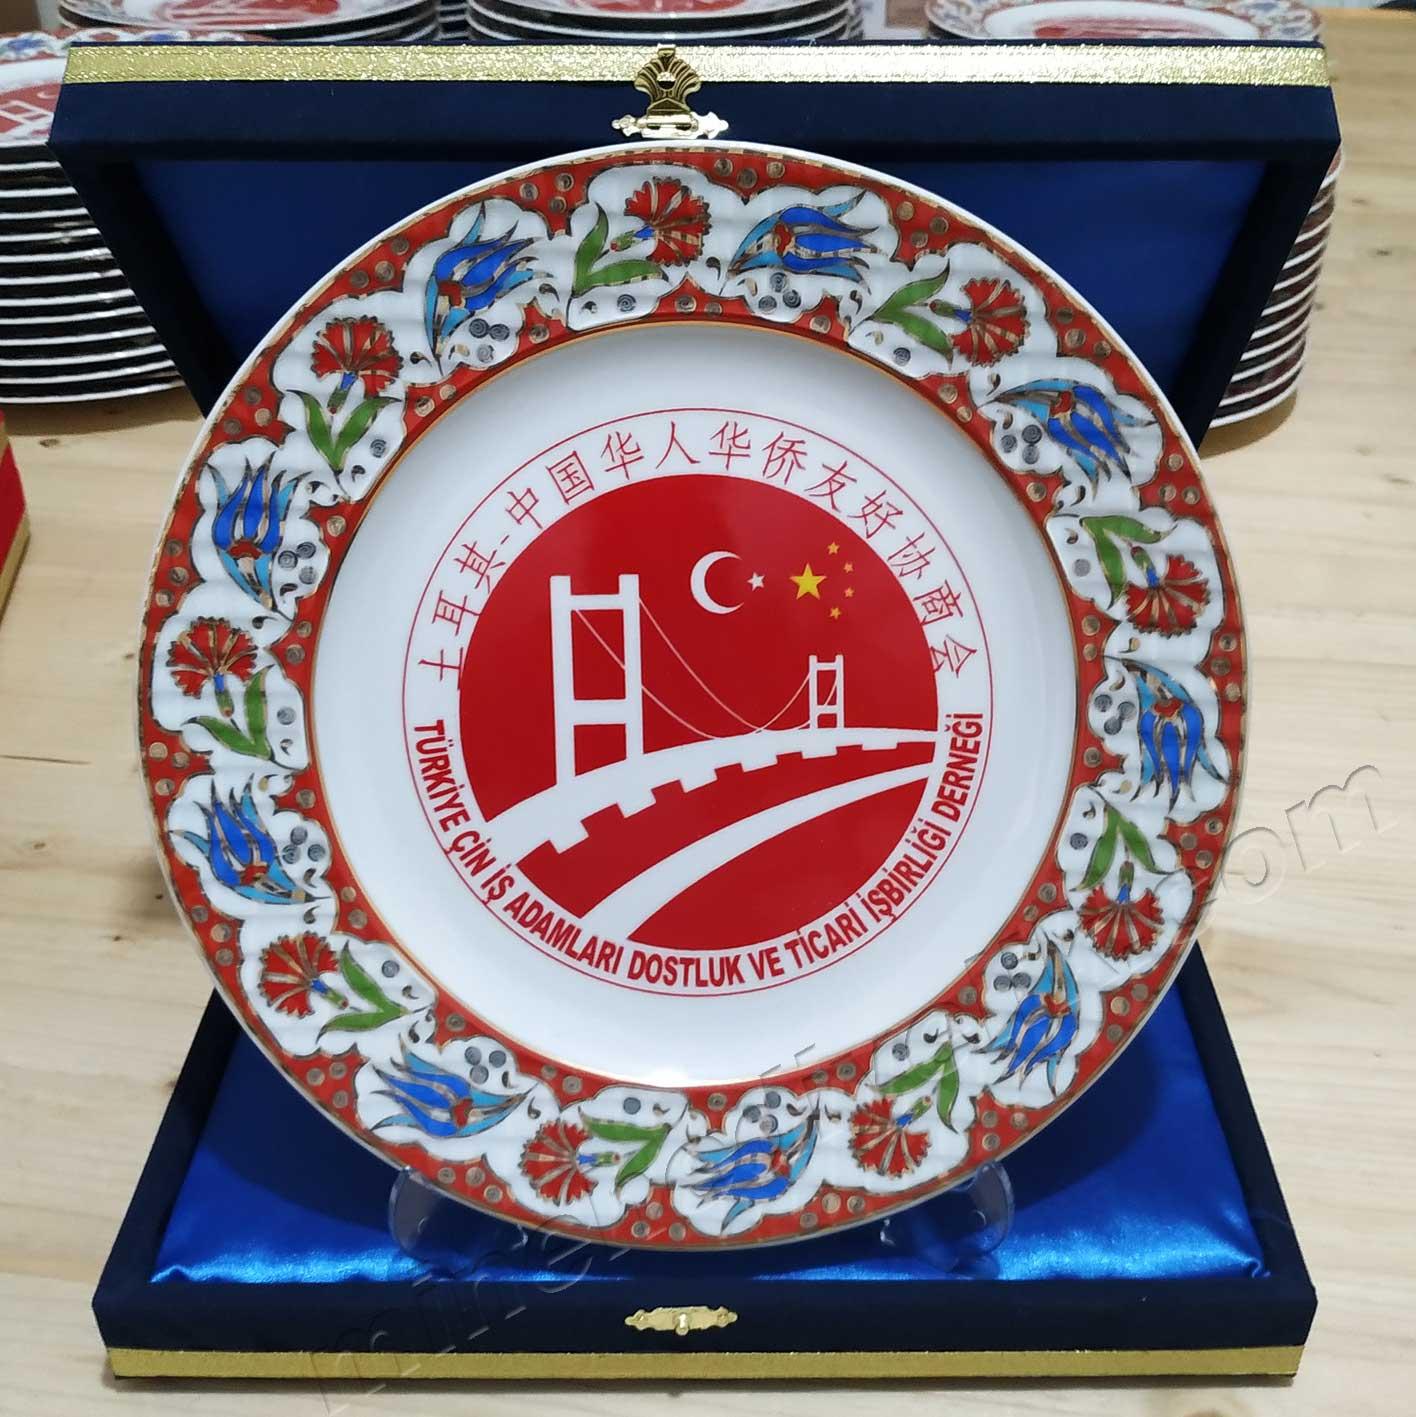 Çin Türk İş Adamları Derneği Plaket Porselen Tabak Logolu